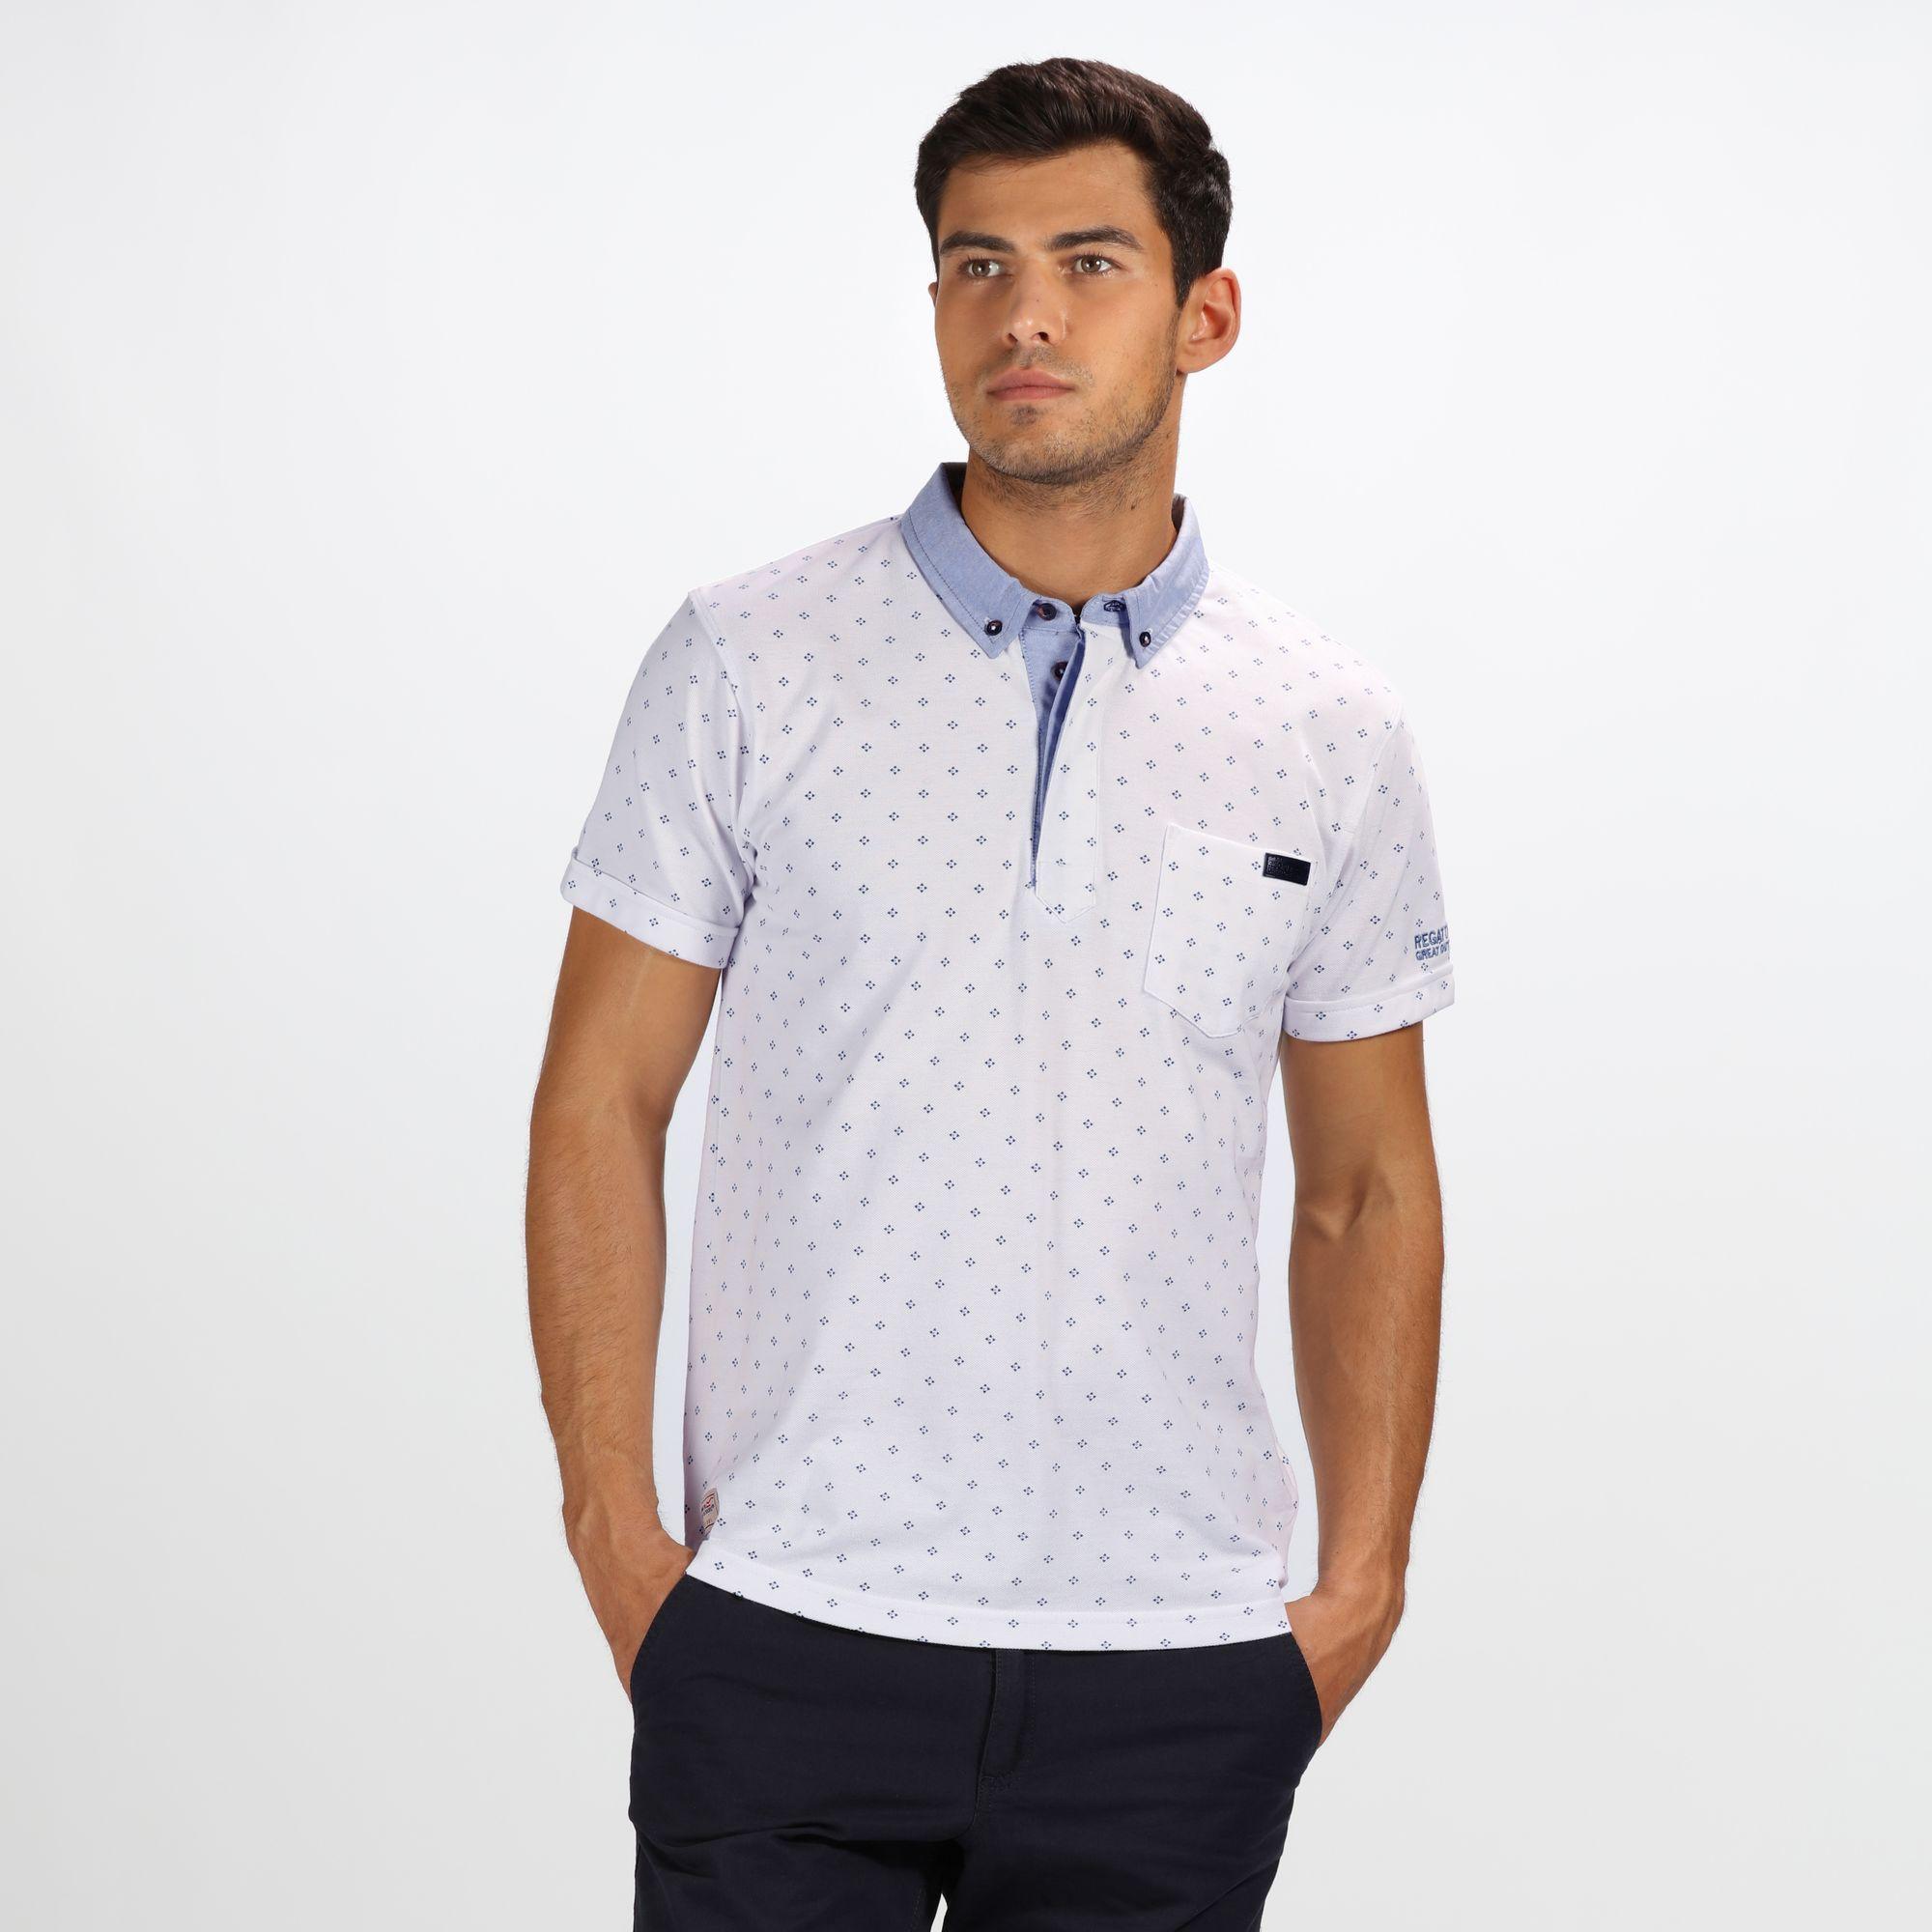 Regatta-Mens-Bahram-Polo-Shirt-RG4205 thumbnail 11